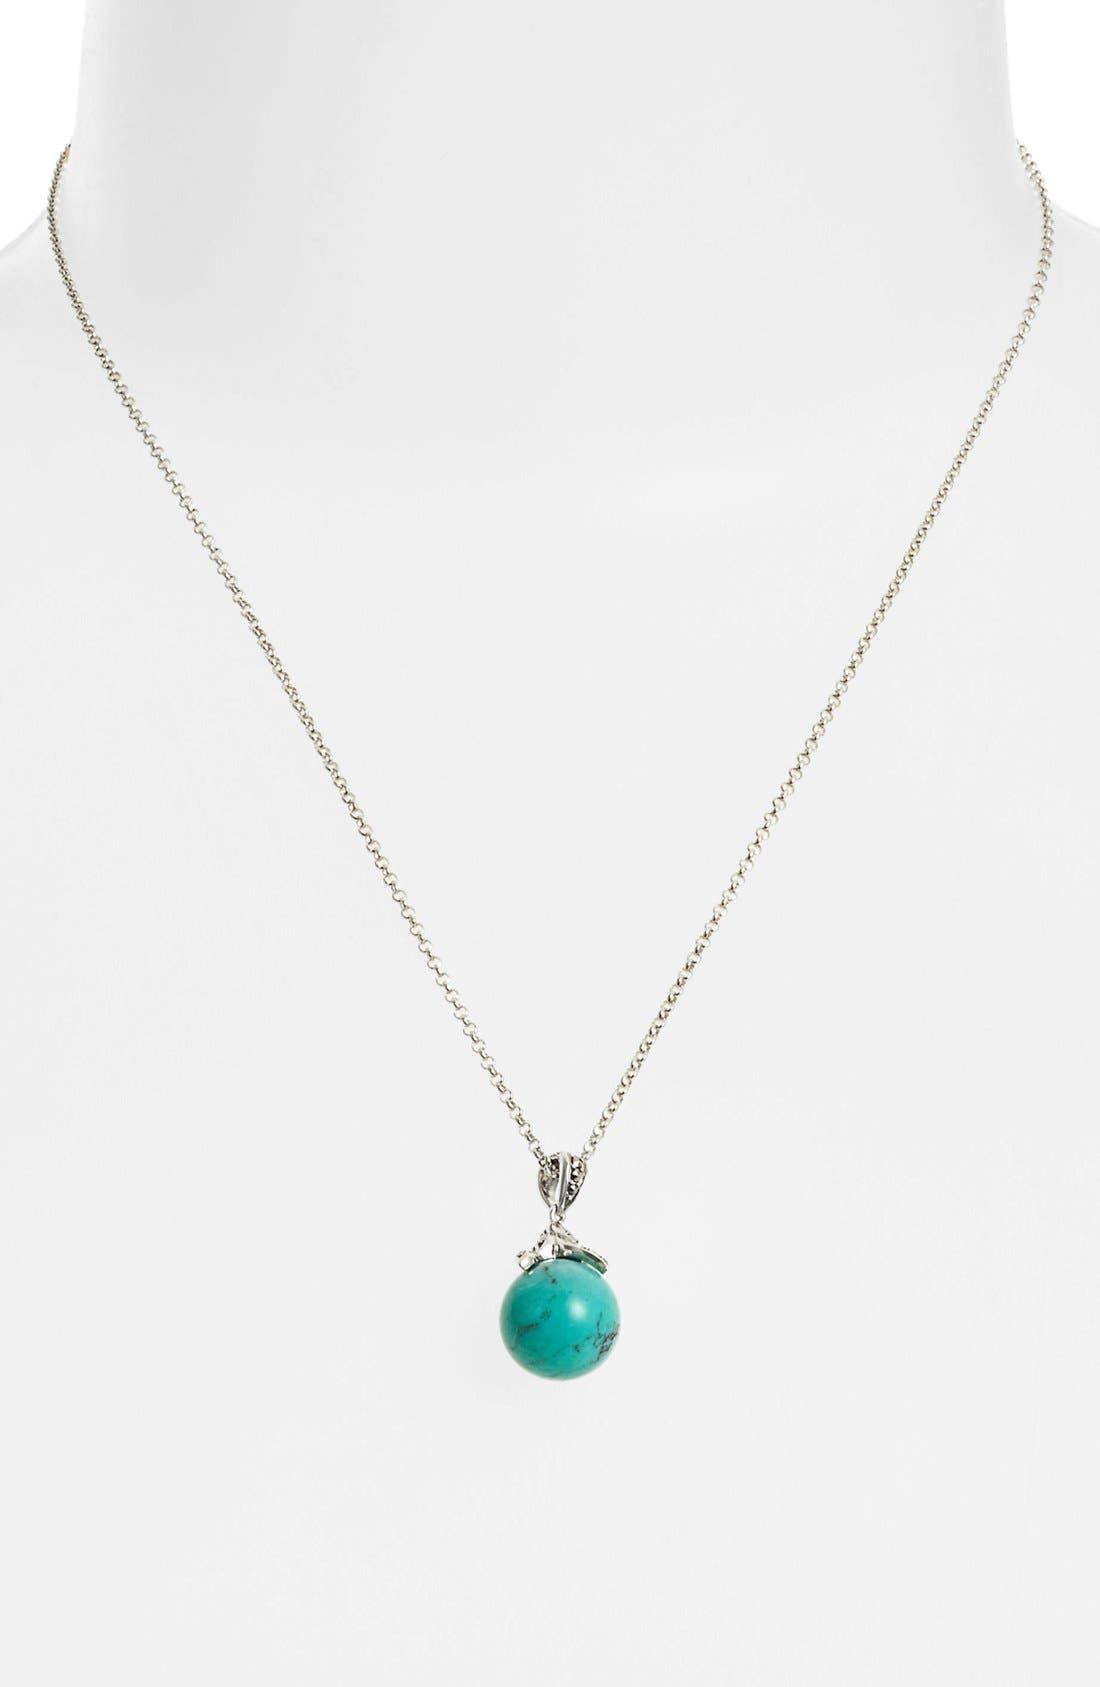 Main Image - Judith Jack Turquoise Pendant Necklace